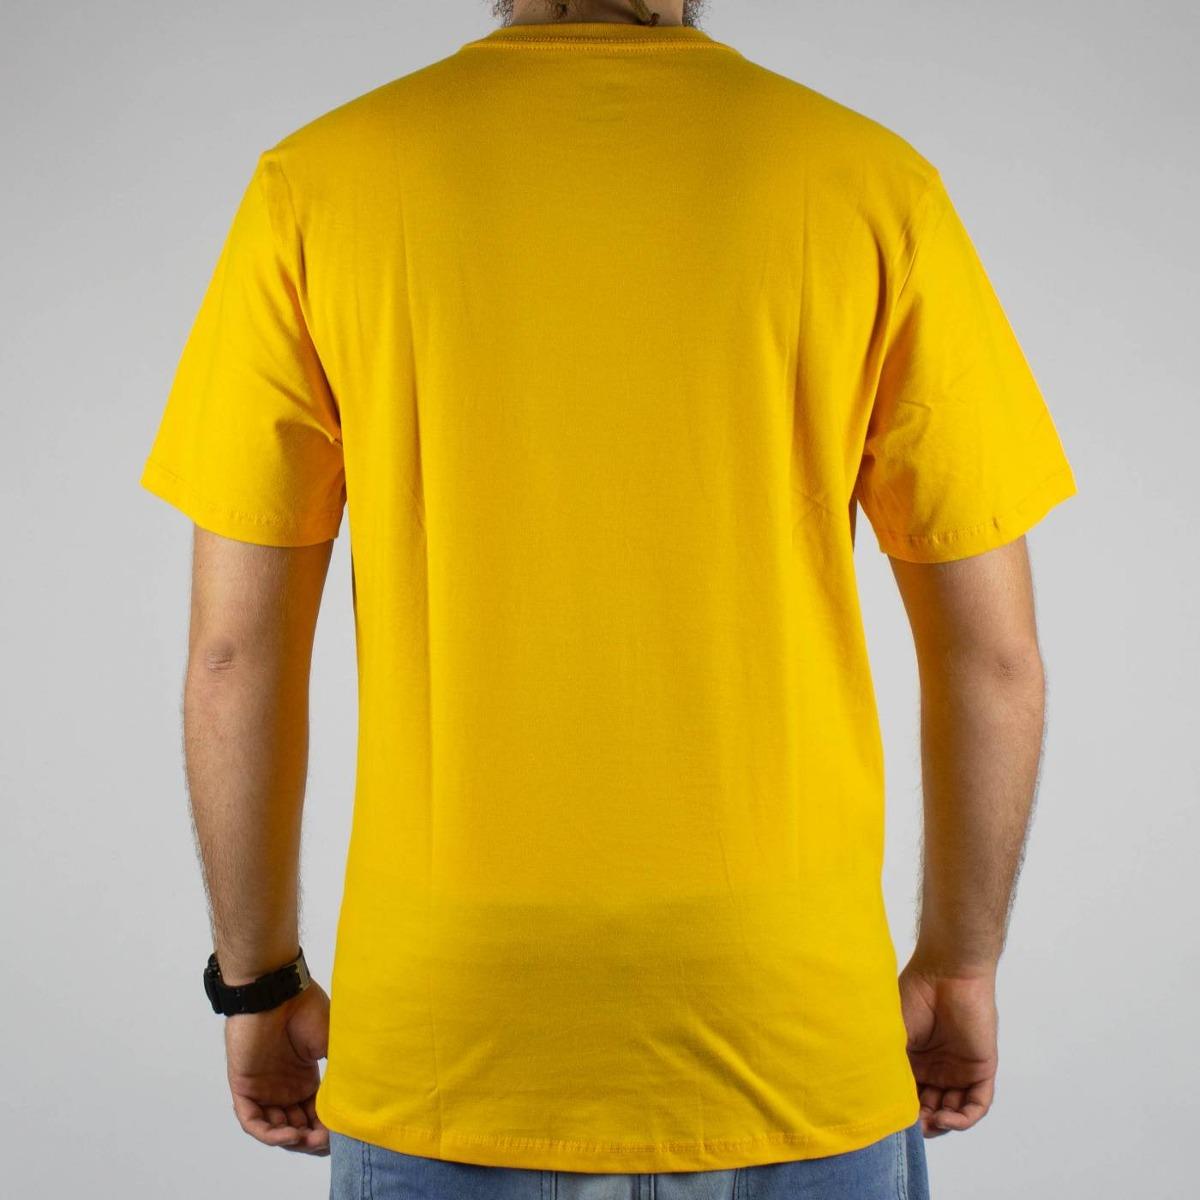 30b540ce4 camiseta dc bass camuflada boxing amarela original. Carregando zoom.